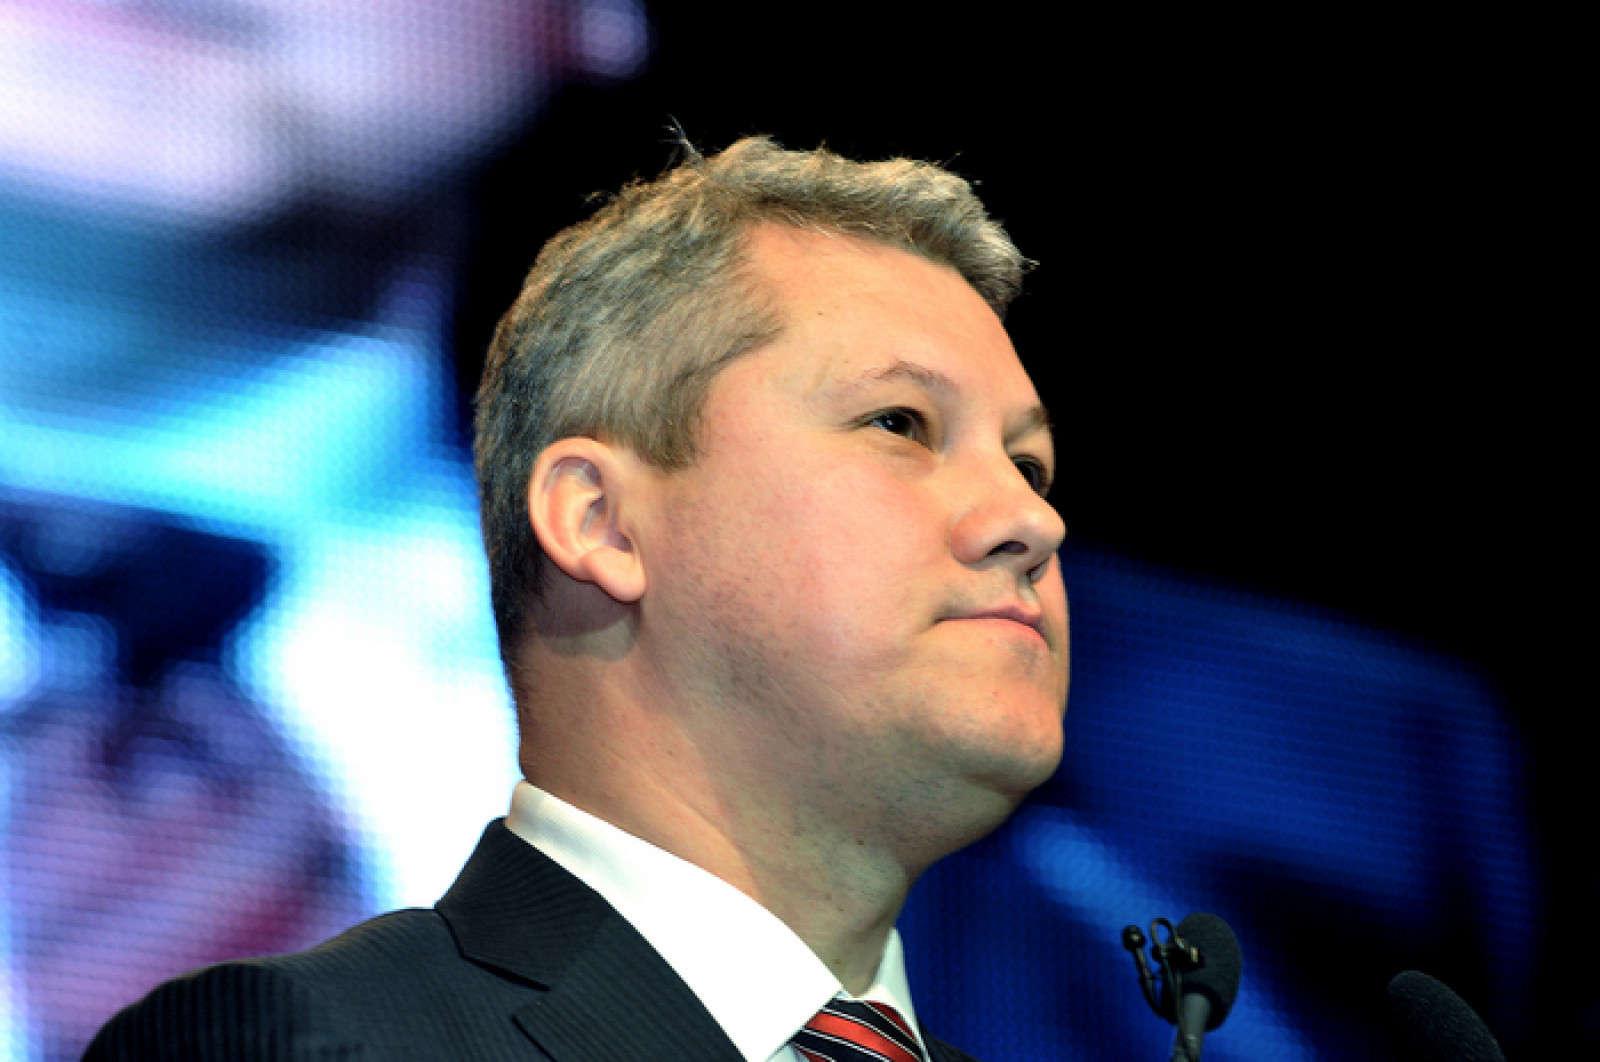 Cătălin Predoiu, candidatul PNL la alegerile pentru Primăria BucureștiuluiCătălin Predoiu, candidatul PNL la alegerile pentru Primăria Bucureștiului